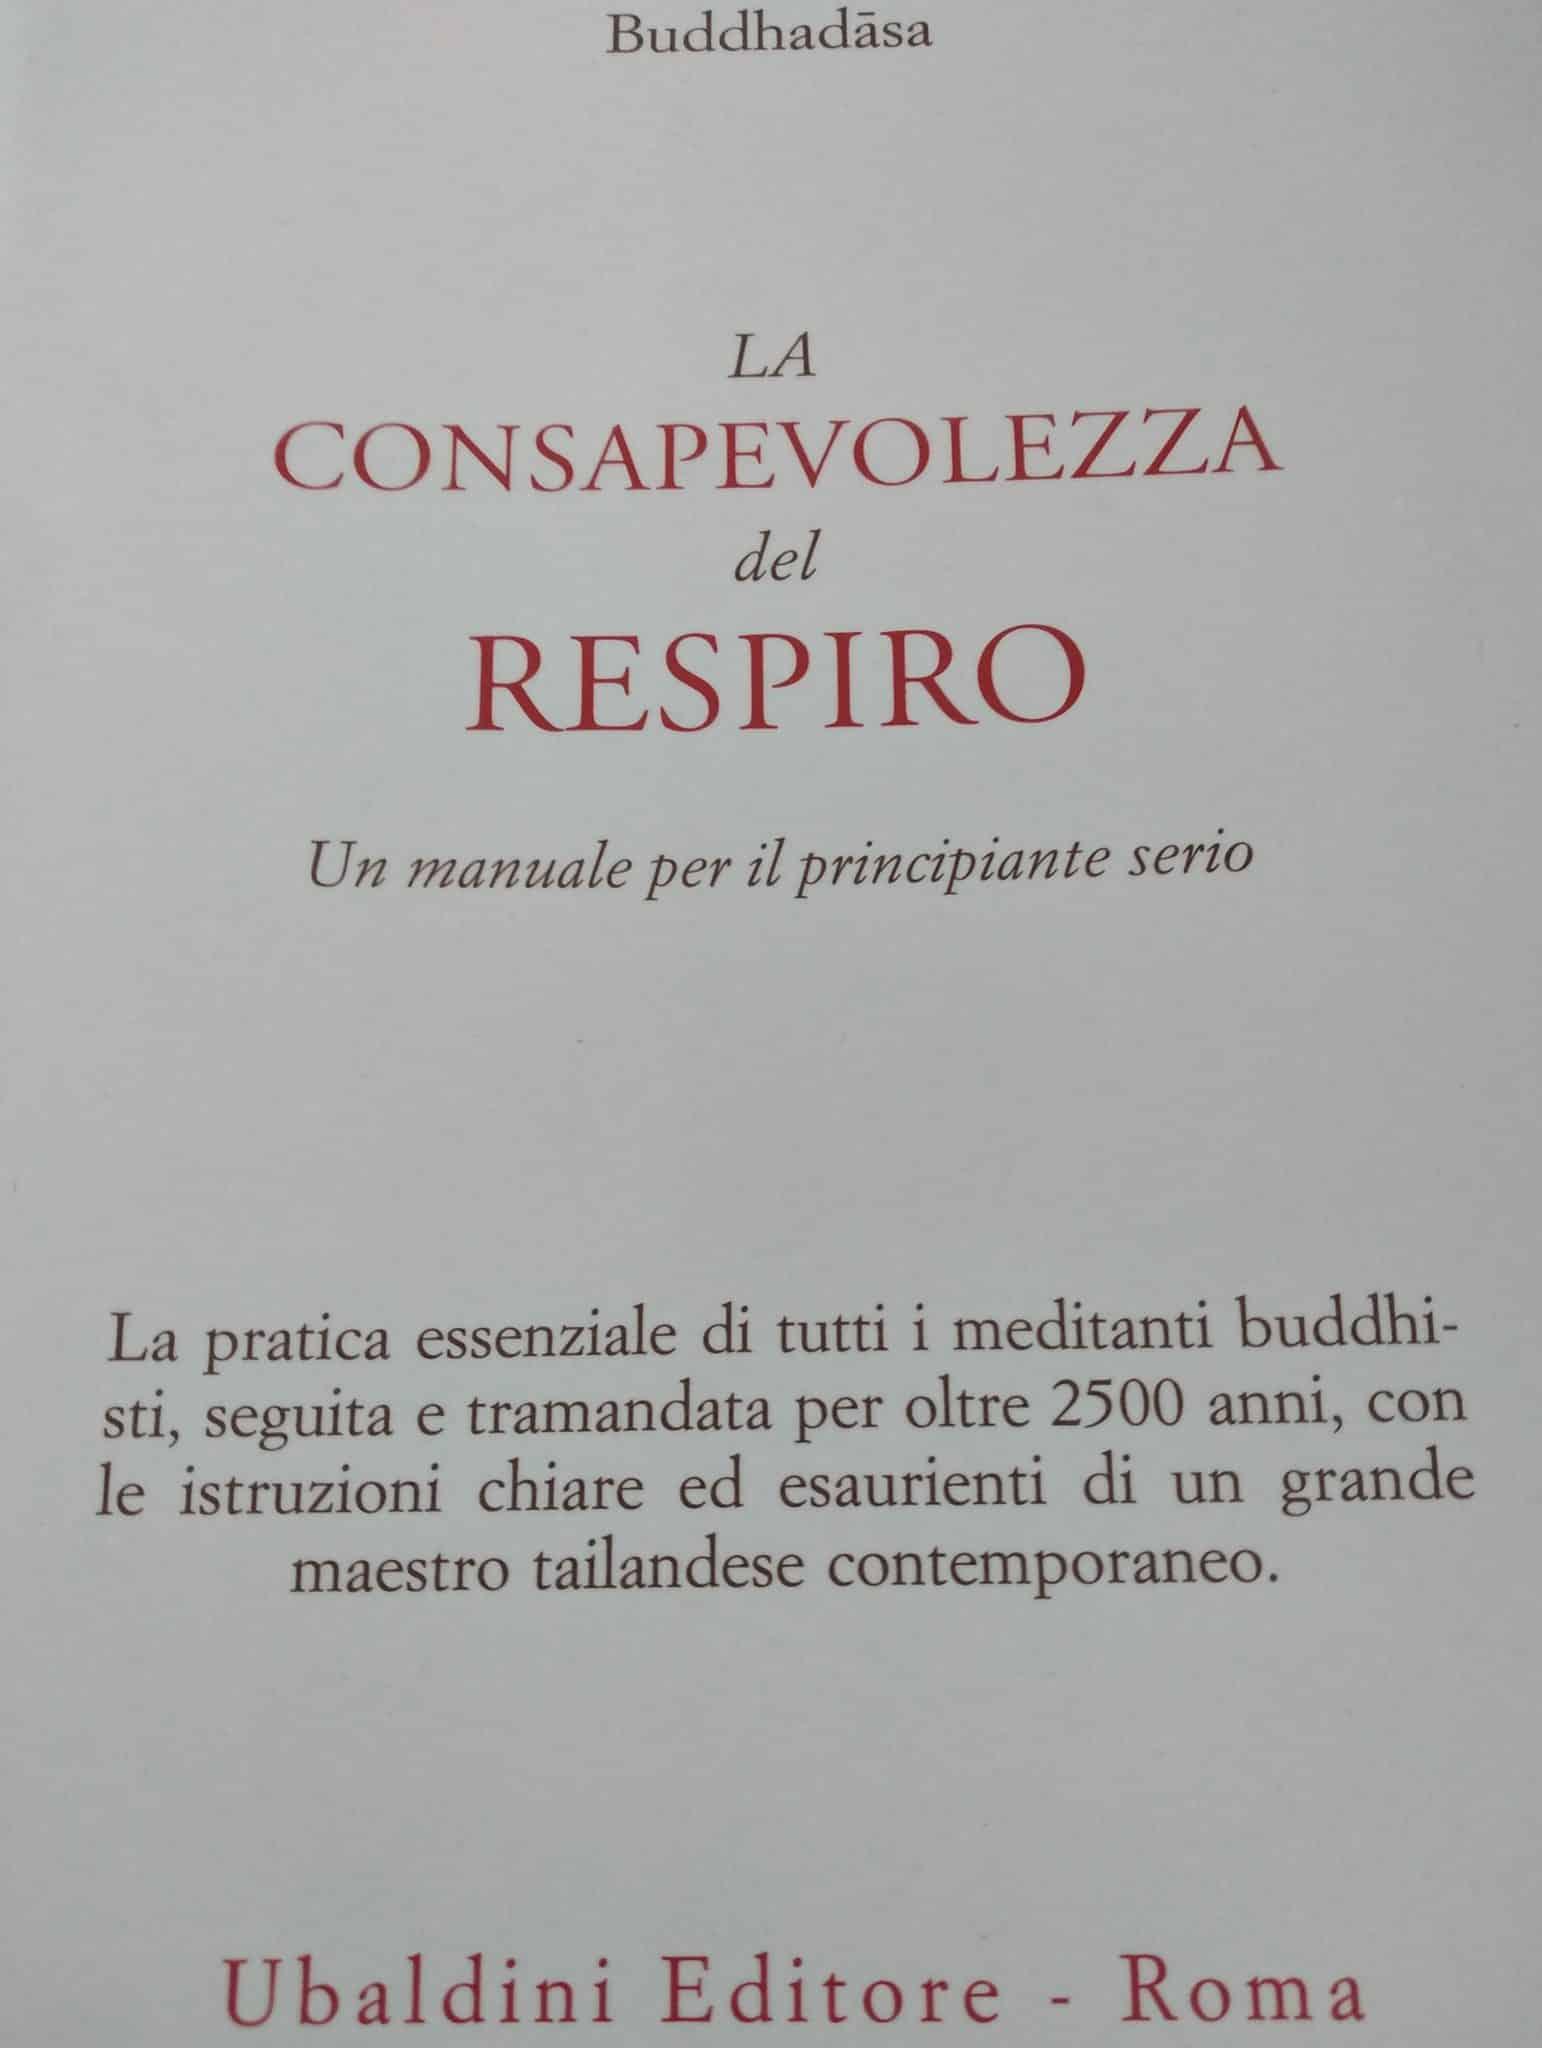 La Consapevolezza Del Respiro. Un Manuale Per Il Principiante Serio